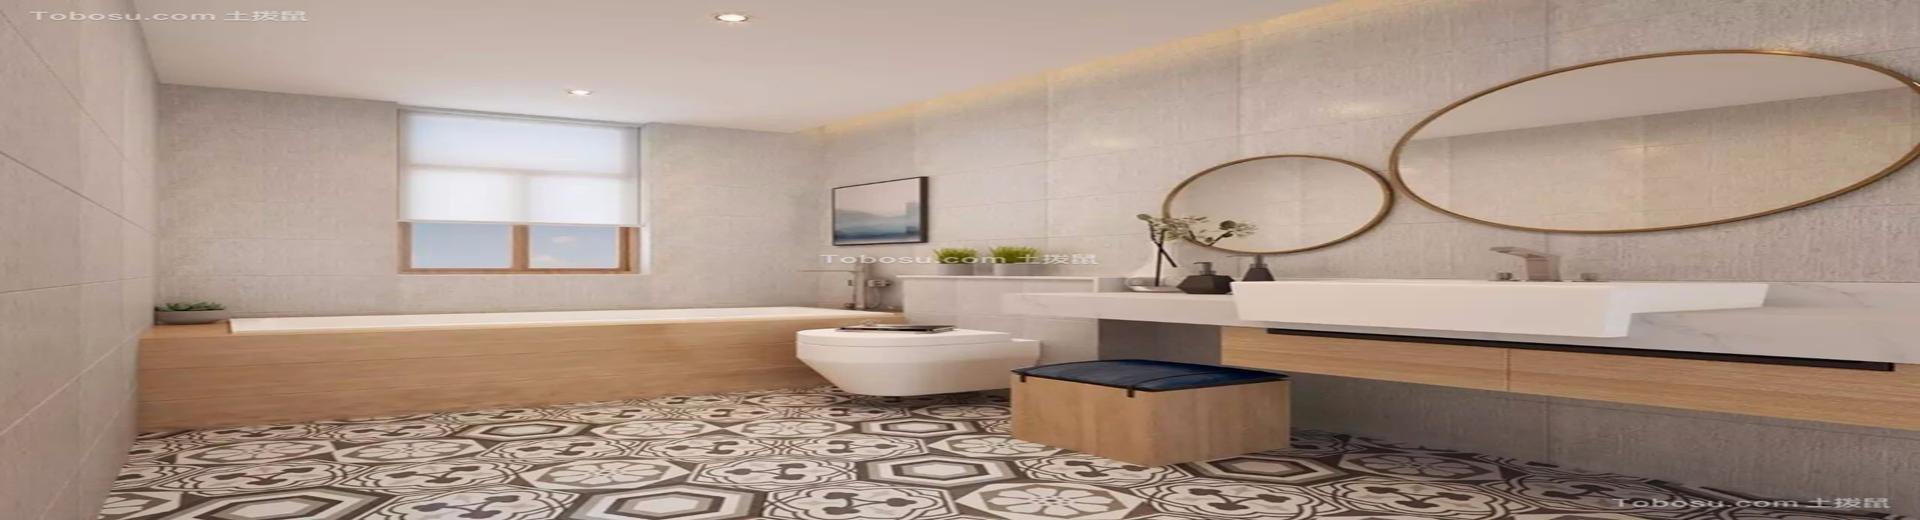 衛浴裝修設計案例,不同風格之間的大PK